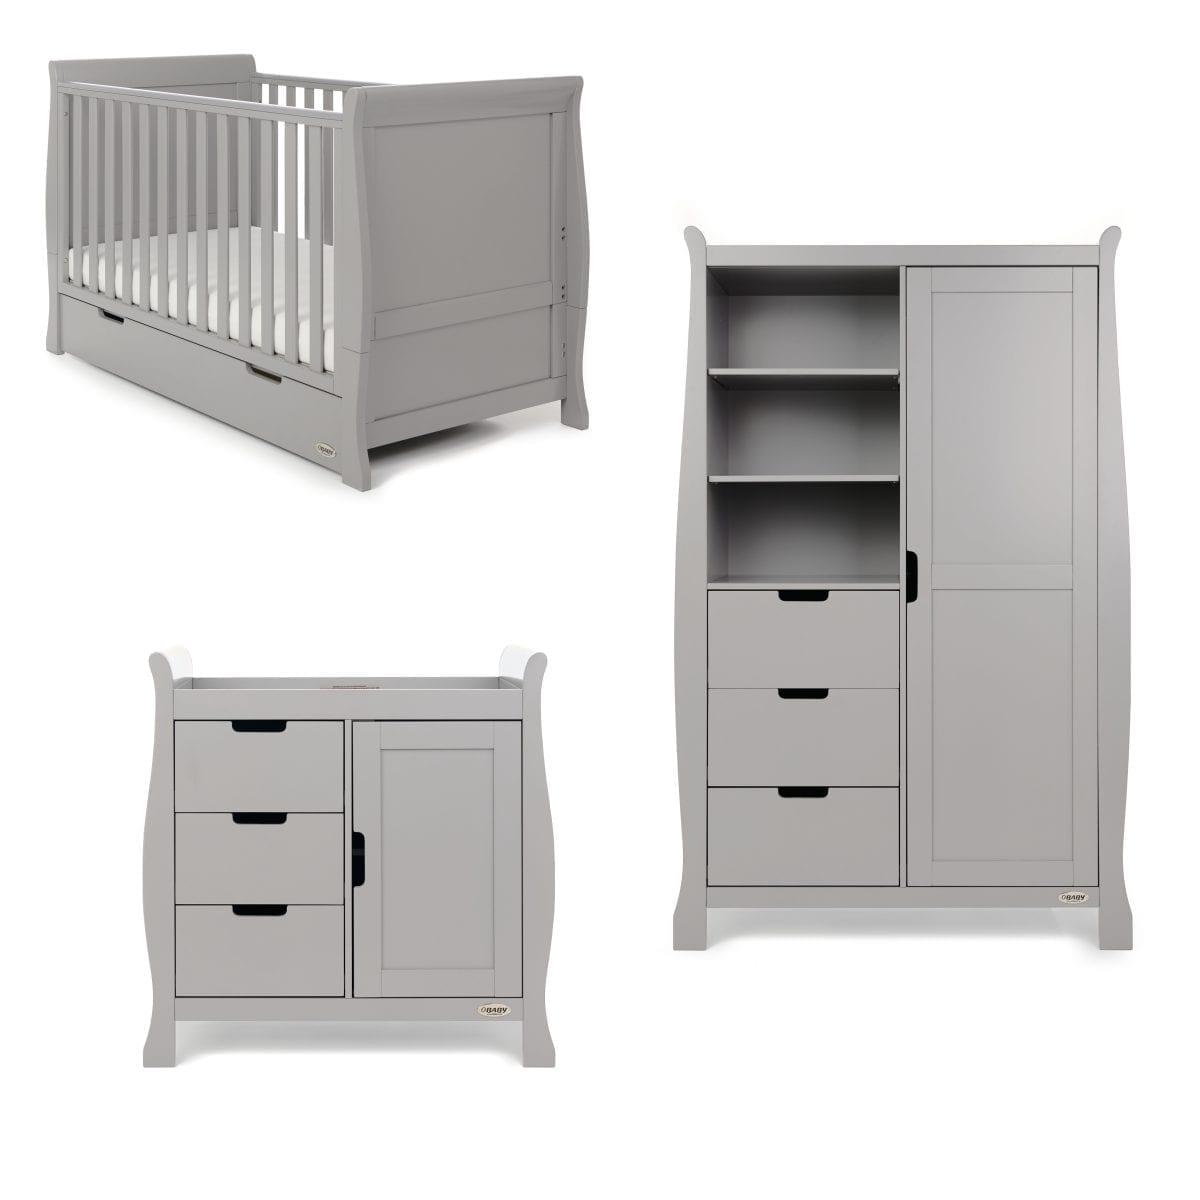 Stamford Classic 3 Piece Nursery Set - Warm Grey